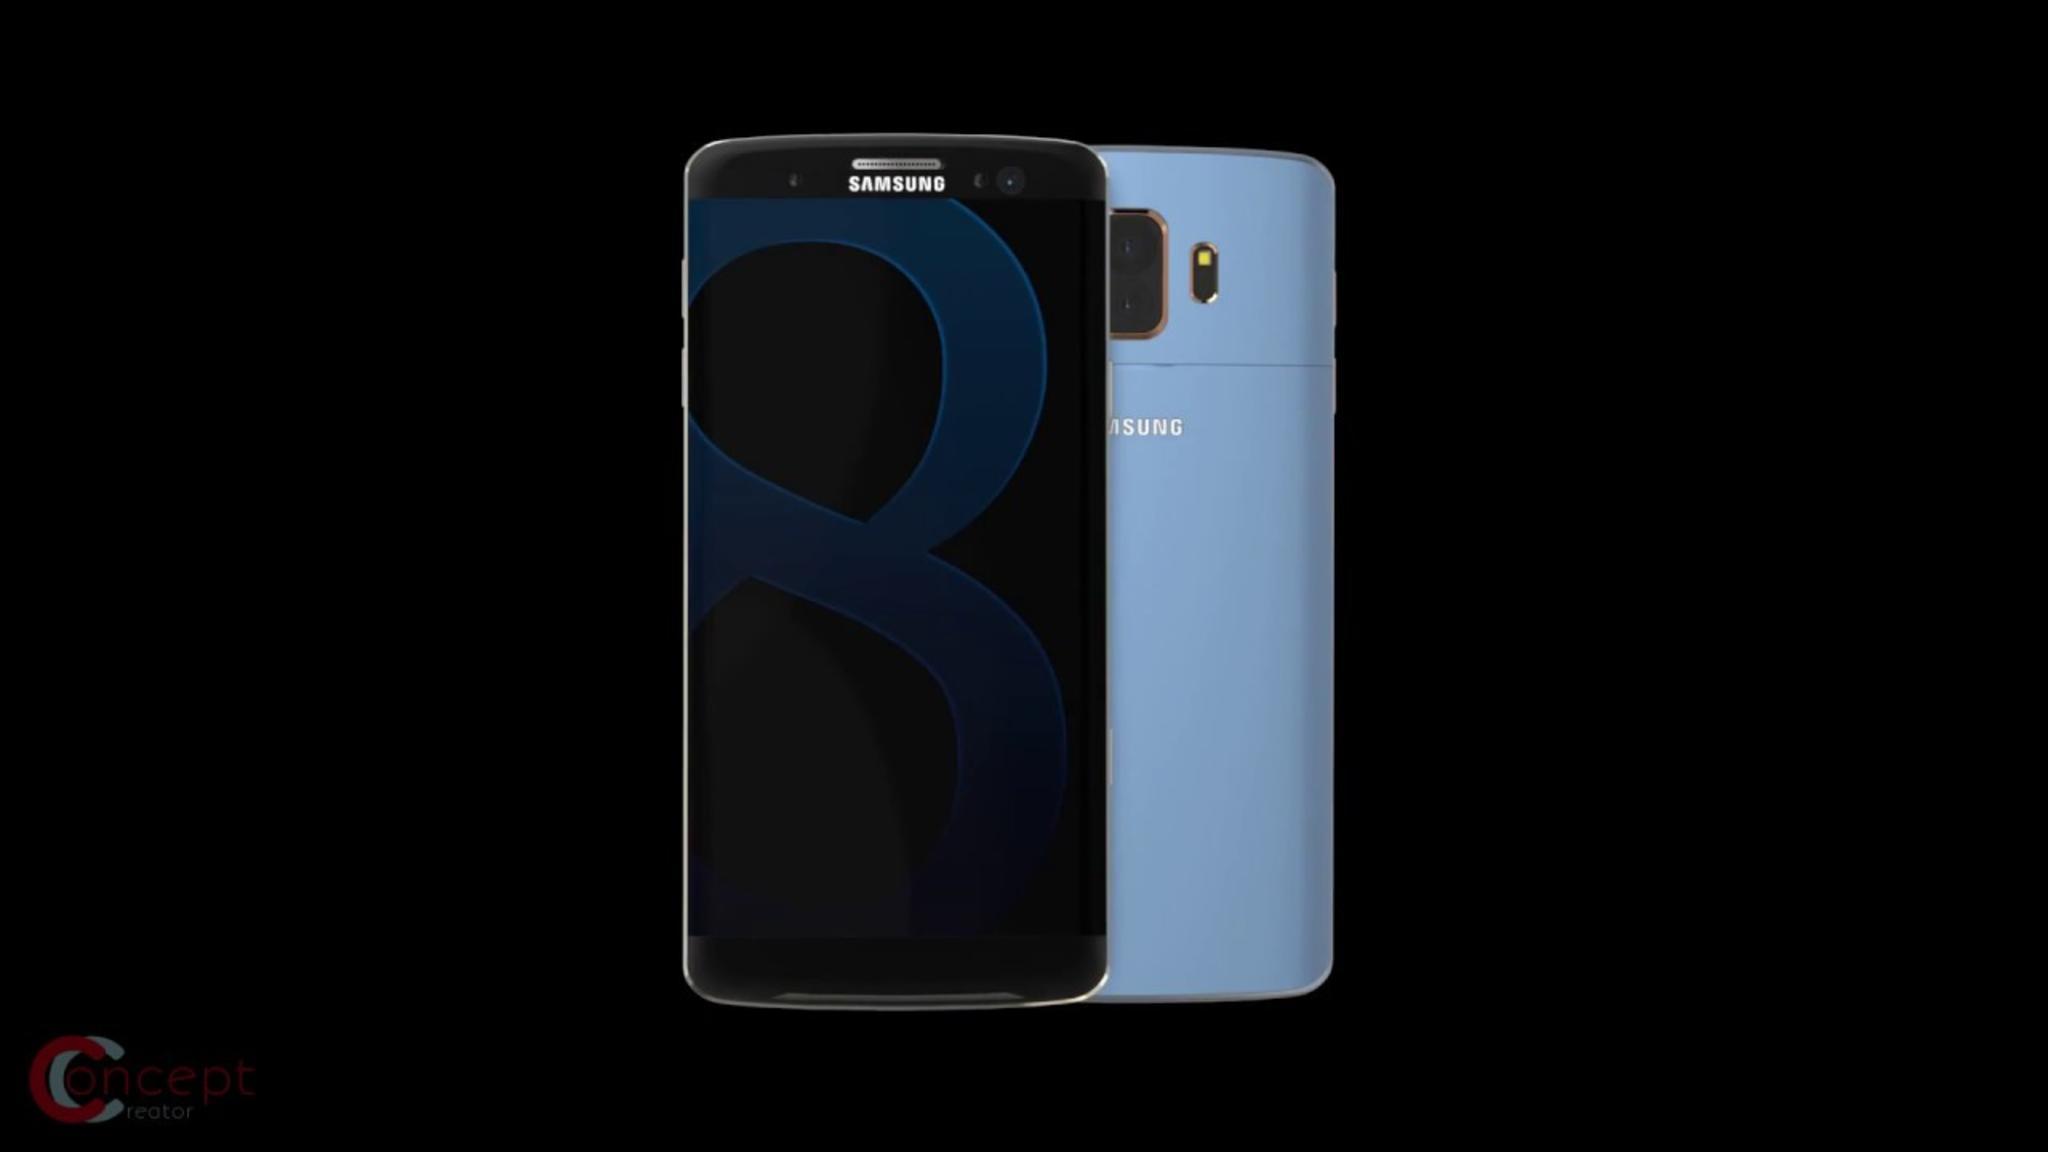 Das Display des Galaxy S8 könnte unterschiedliche Druckstärken erkennen.